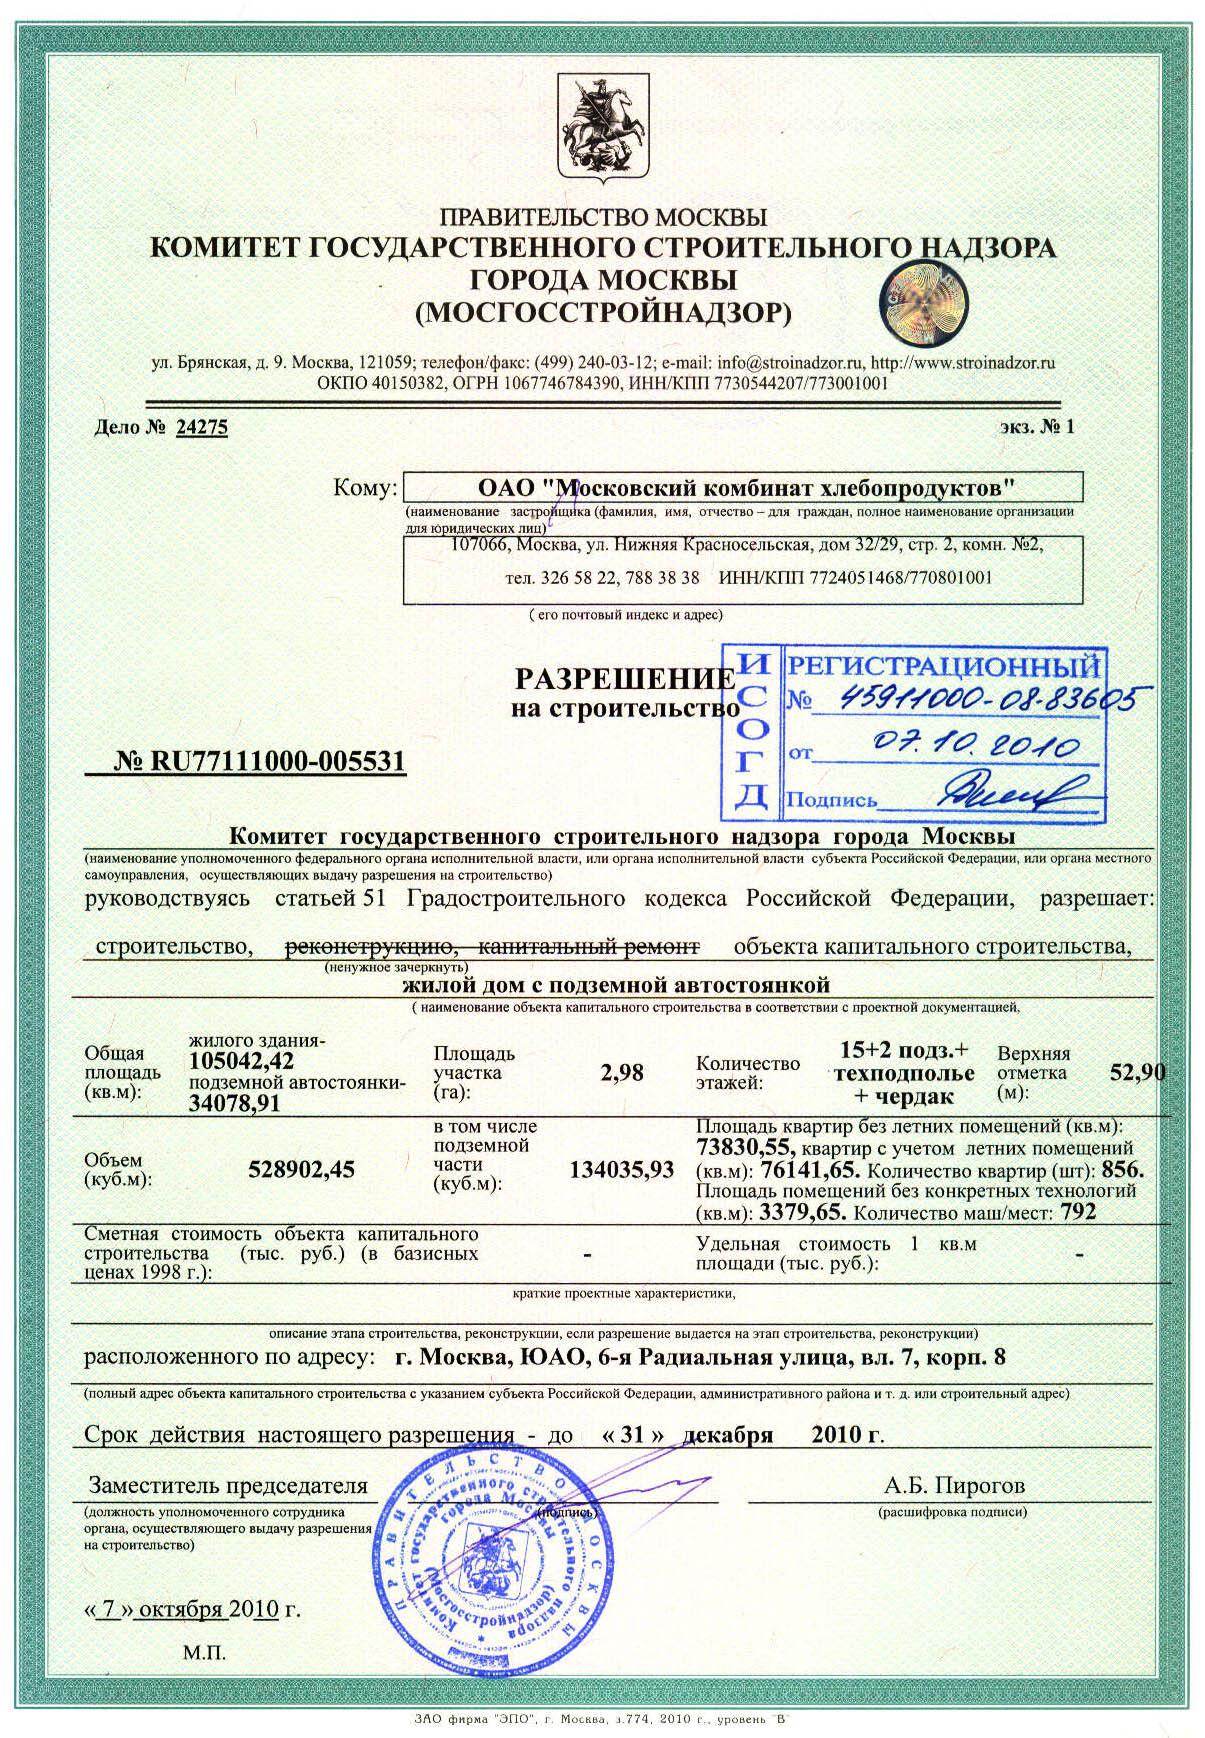 Разрешение на строительство индивидуального жилого дома в 20.